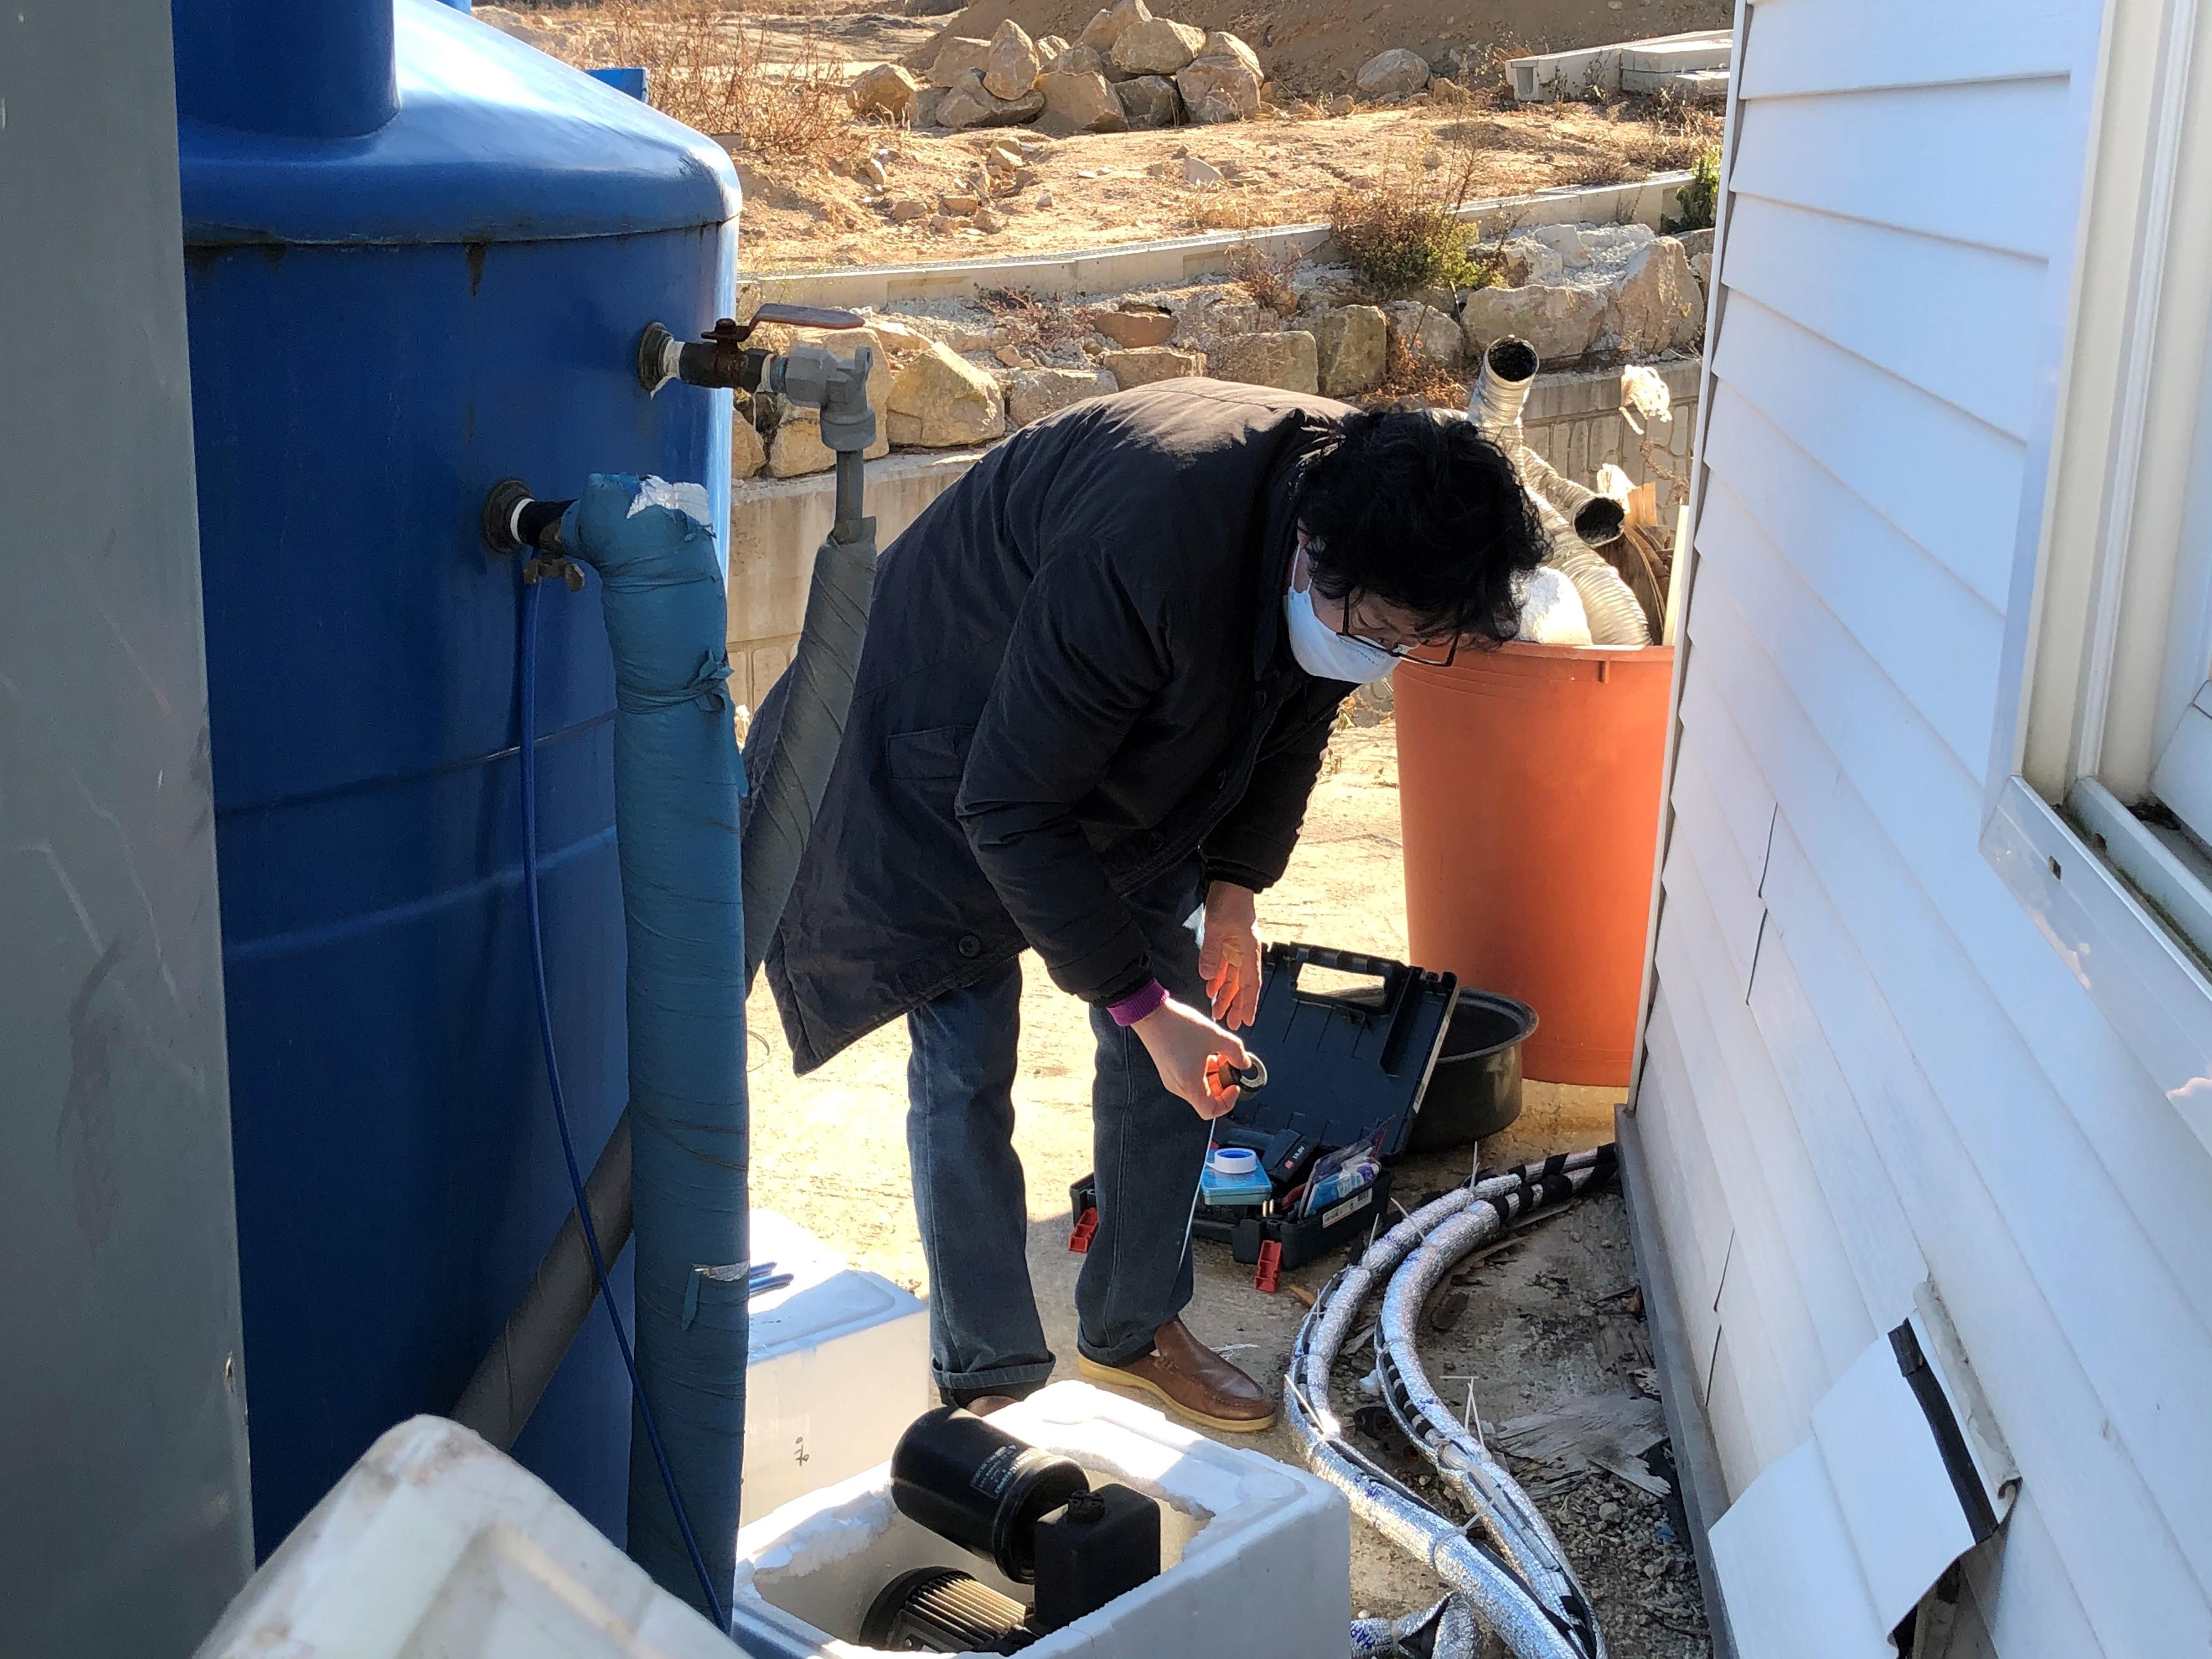 웨슬리사회성화실천본부의 안완구 목사가 추운 날씨에도 불구하고 선교사들이 격리하고 있는 무의도 수양관의 펌프를 수리하고 있다. 사진, 김응선 목사, 연합감리교뉴스.